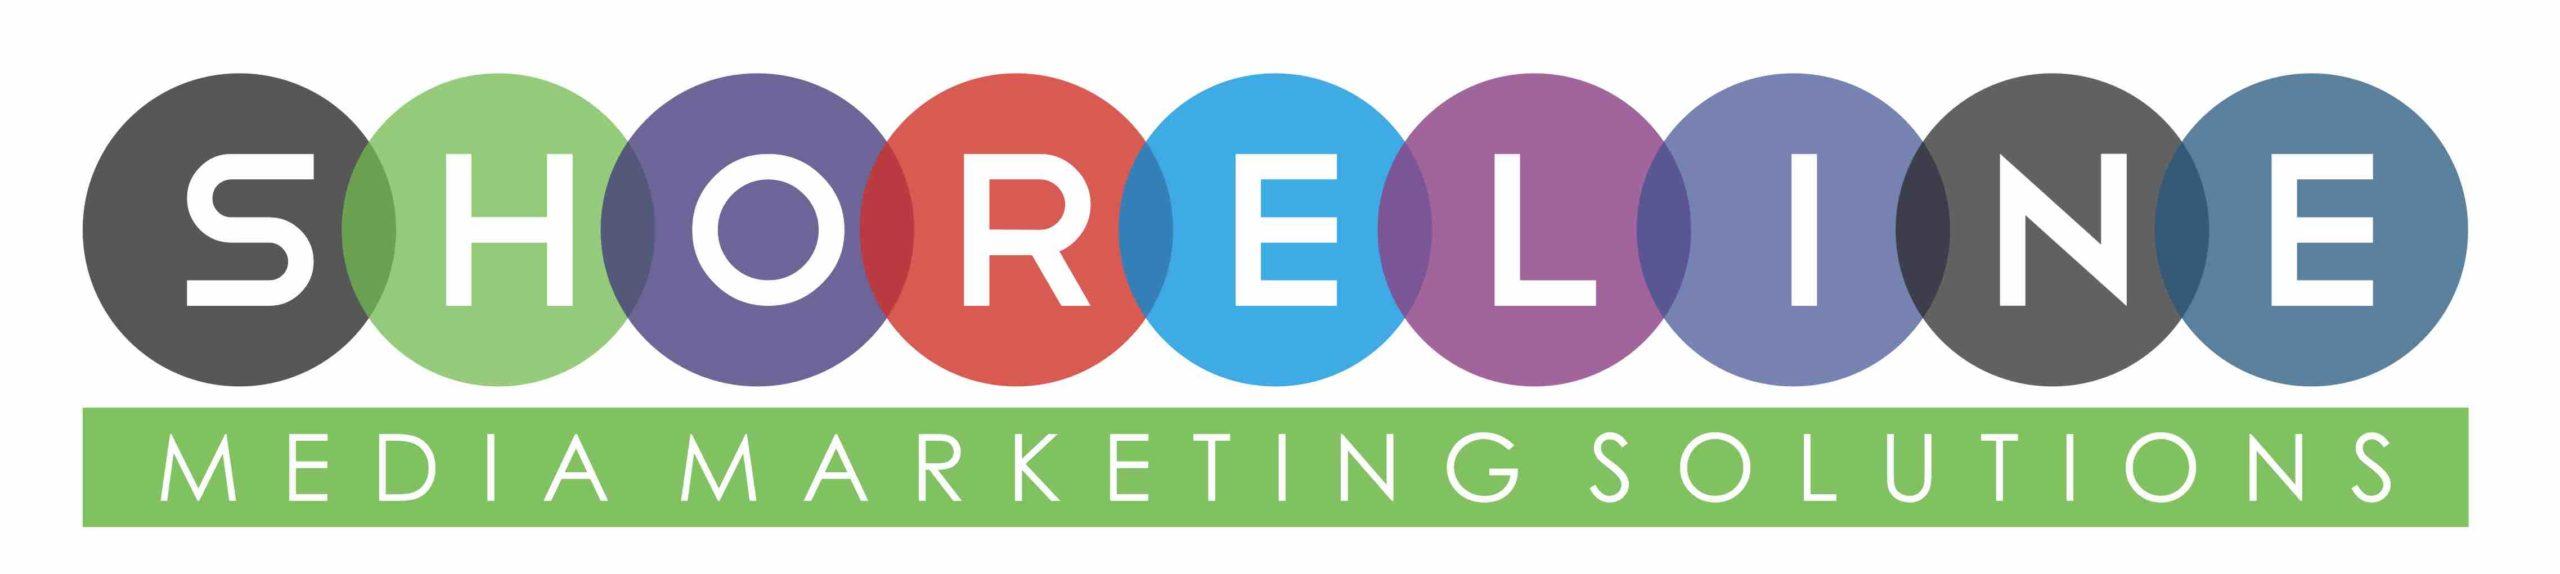 Shoreline Media Marketing Solutions logo